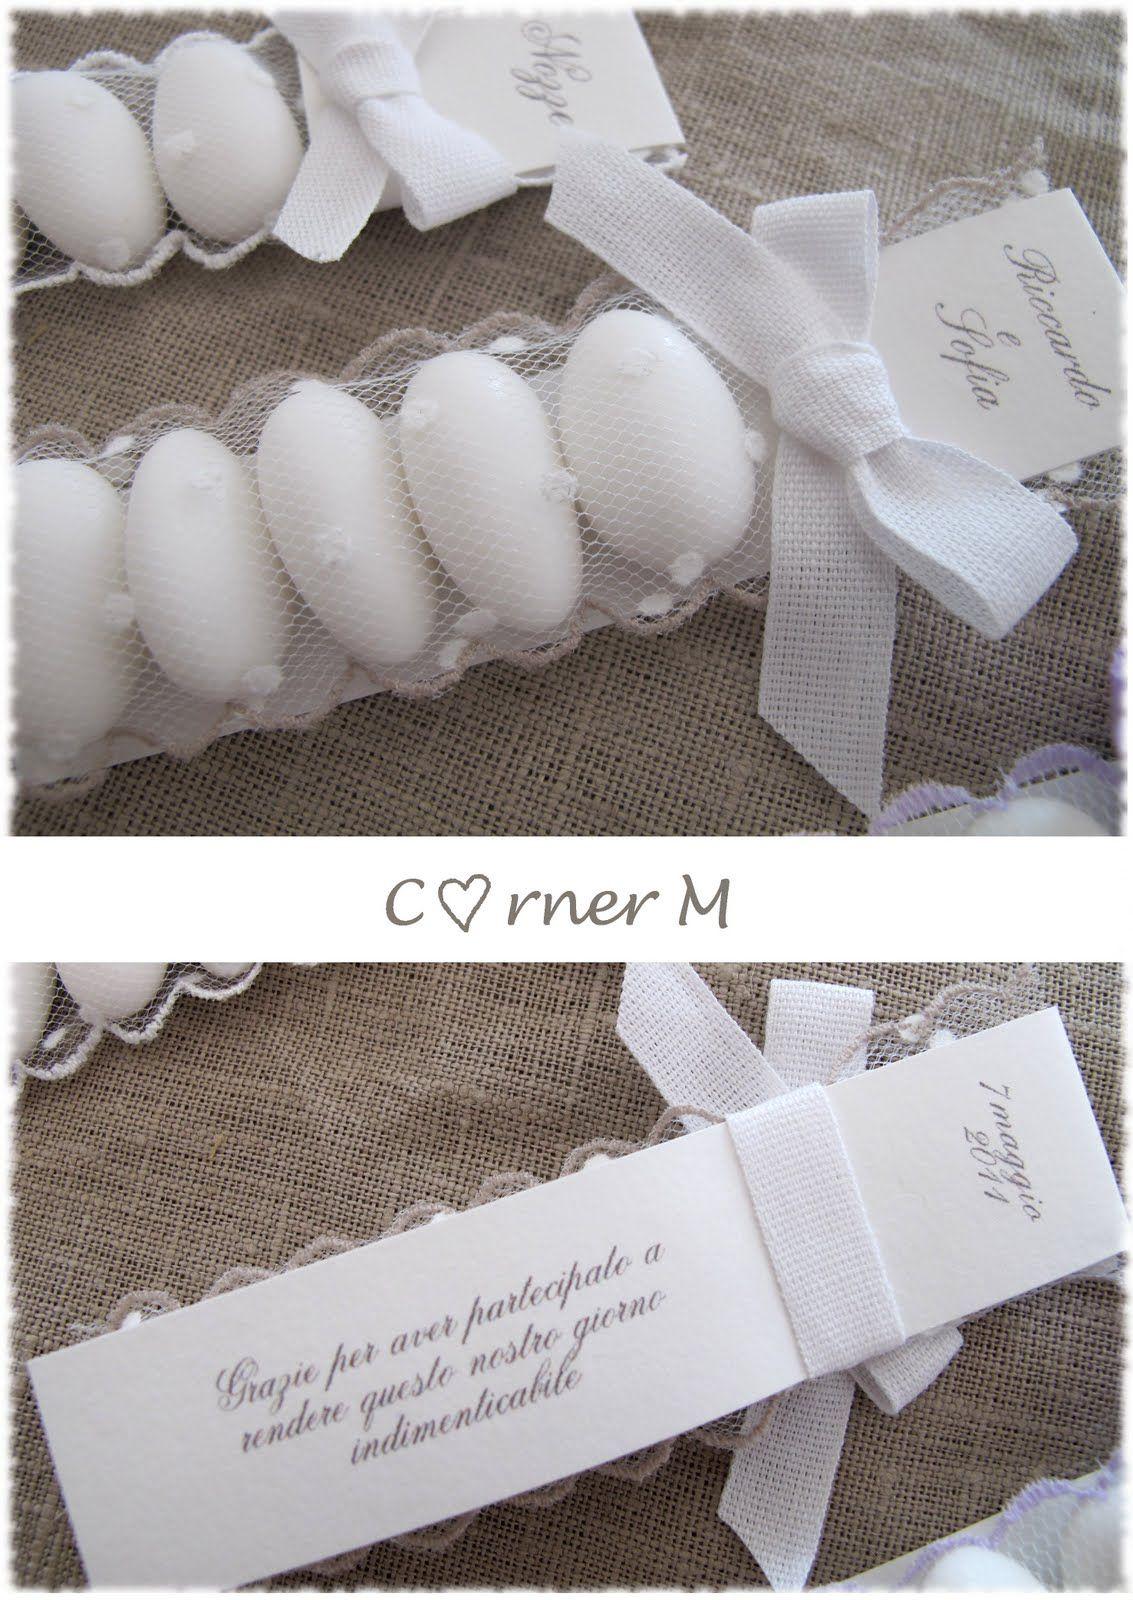 Bomboniere Matrimonio Civile.Pin Di Streetstyle Blog Su My Wedding Bomboniere Bomboniere